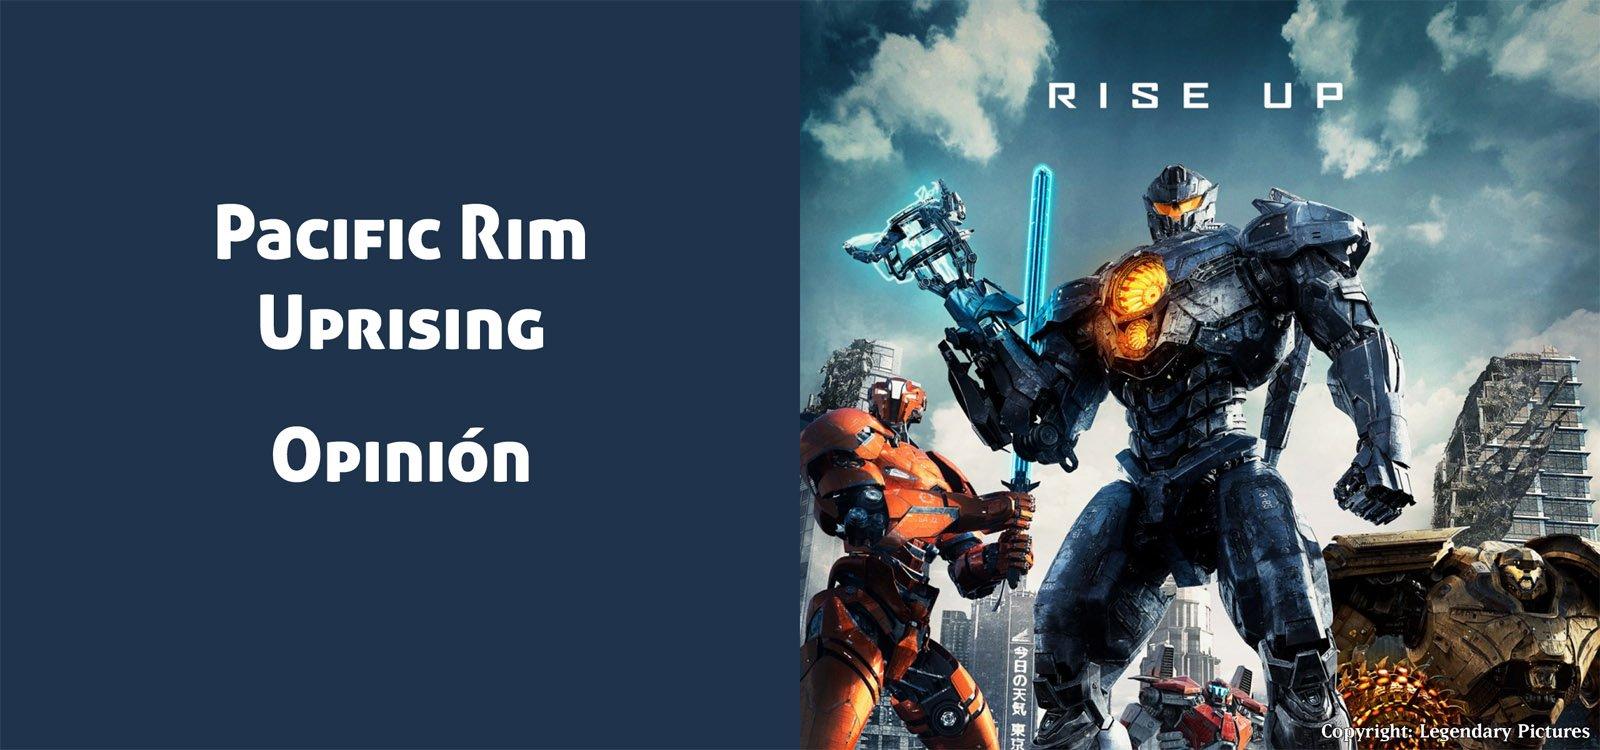 Pacific Rim: Uprising (Opinión de la Pelicula)